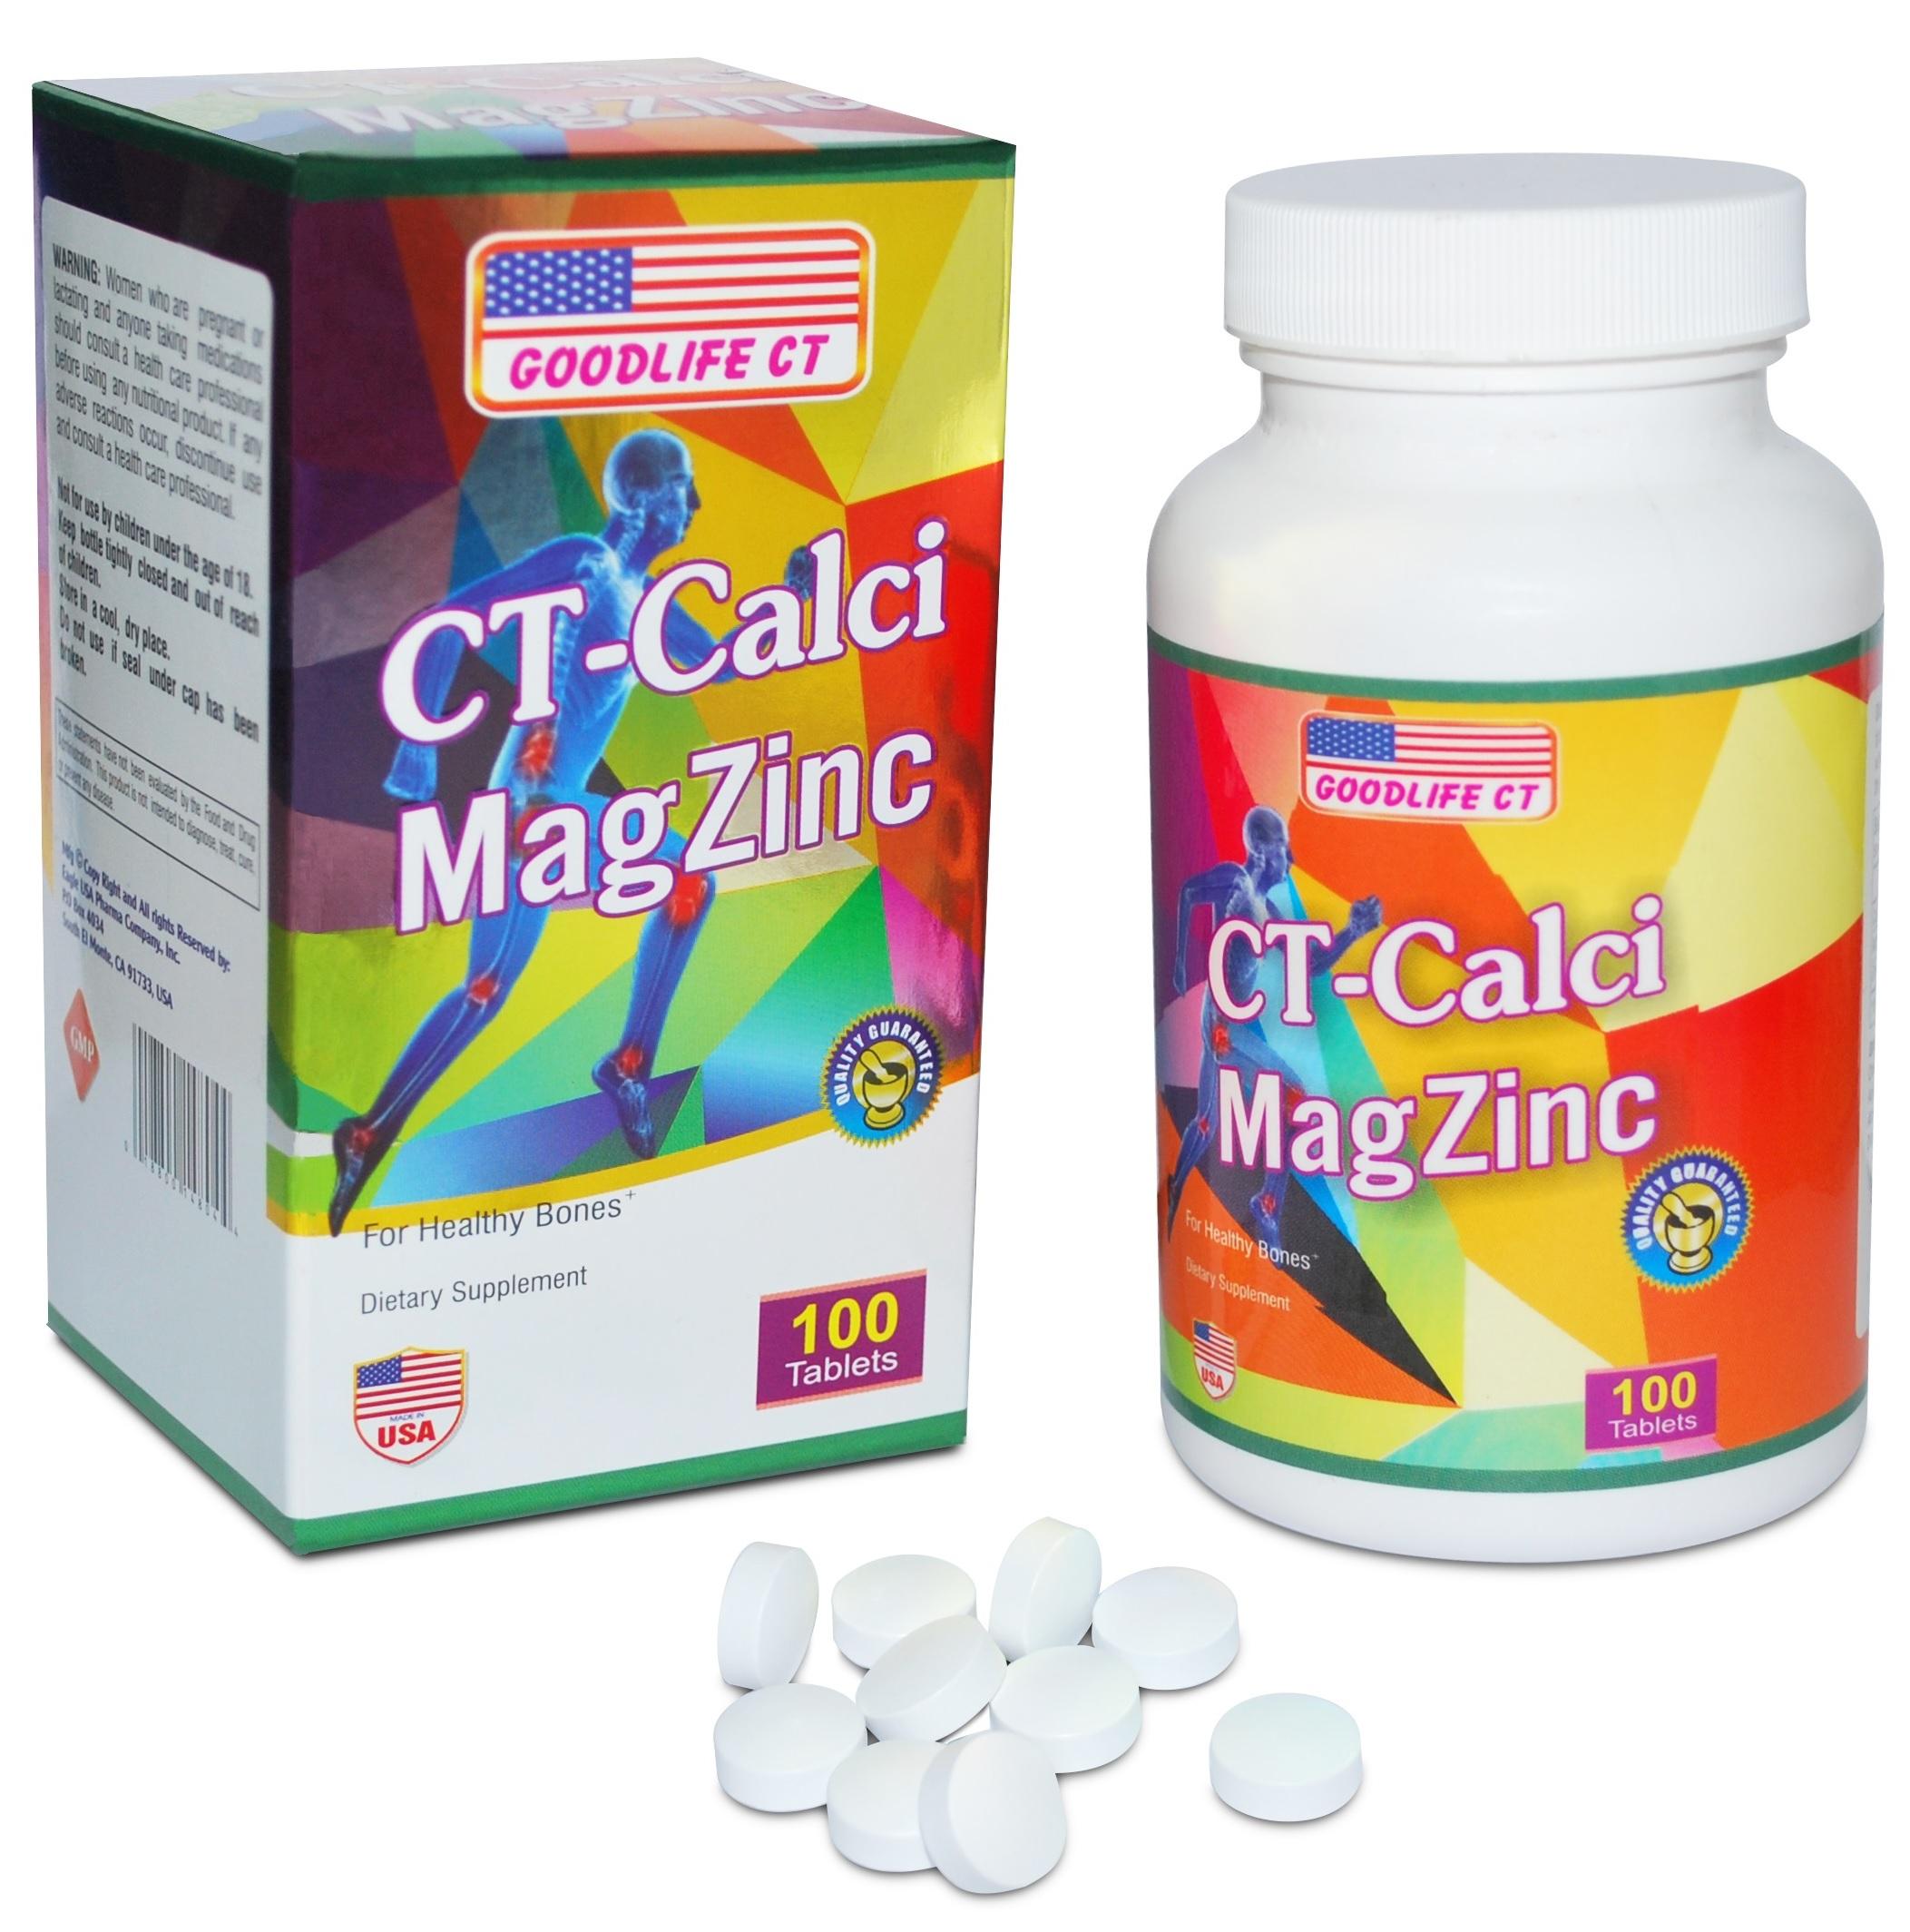 CT CALCI MAGZINC giúp bổ sung khoáng chất giúp xương, răng phát triển khoẻ mạnh